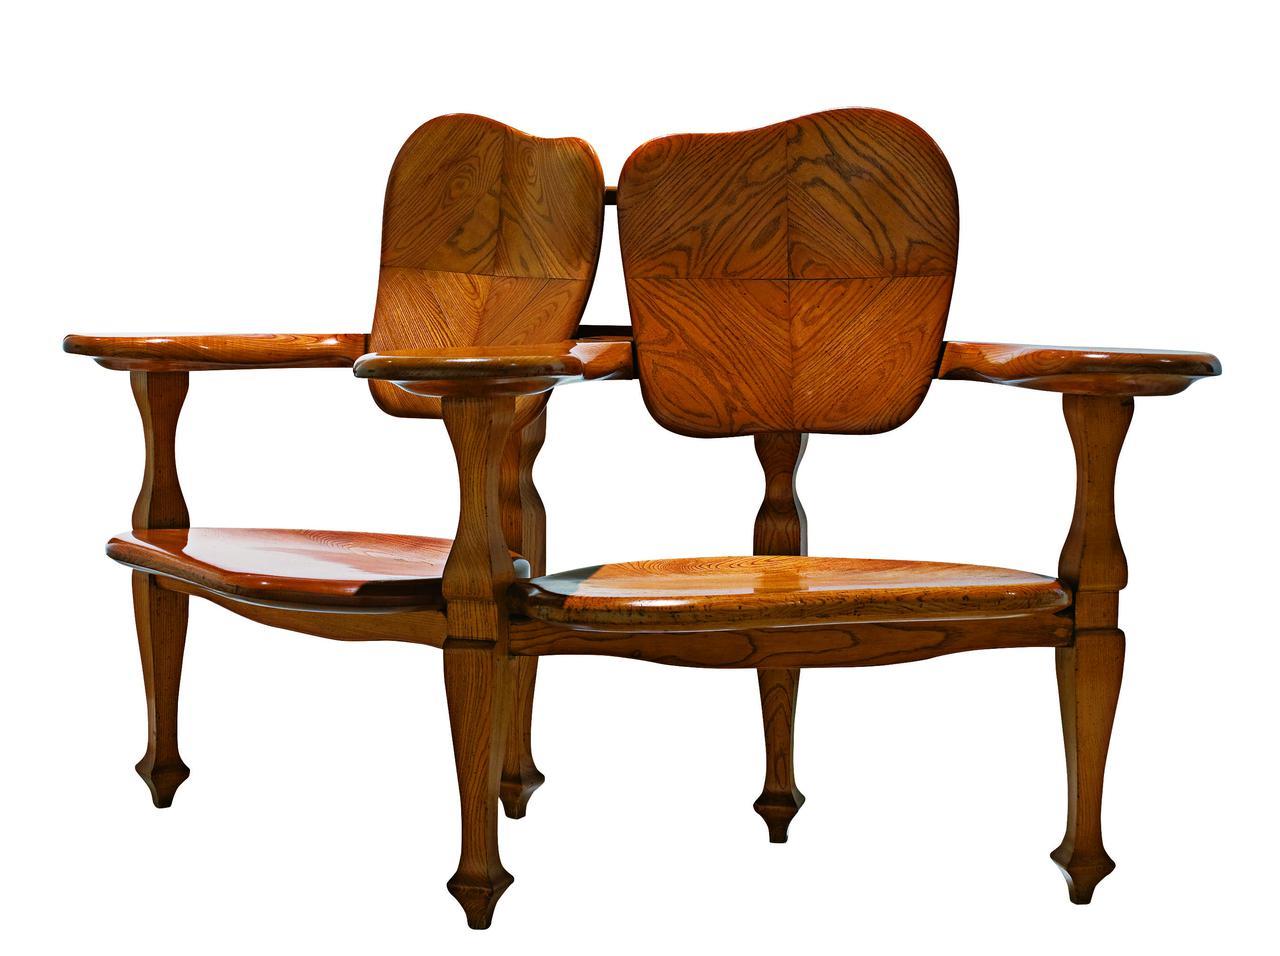 画像: アントニ・ガウディ(デザイン)、カザス・イ・バルデス工房《カザ・バッリョーの組椅子》1904-06年頃、 カタルーニャ美術館 ©Museu Nacional d'Art de Catalunya, Barcelona (2019)